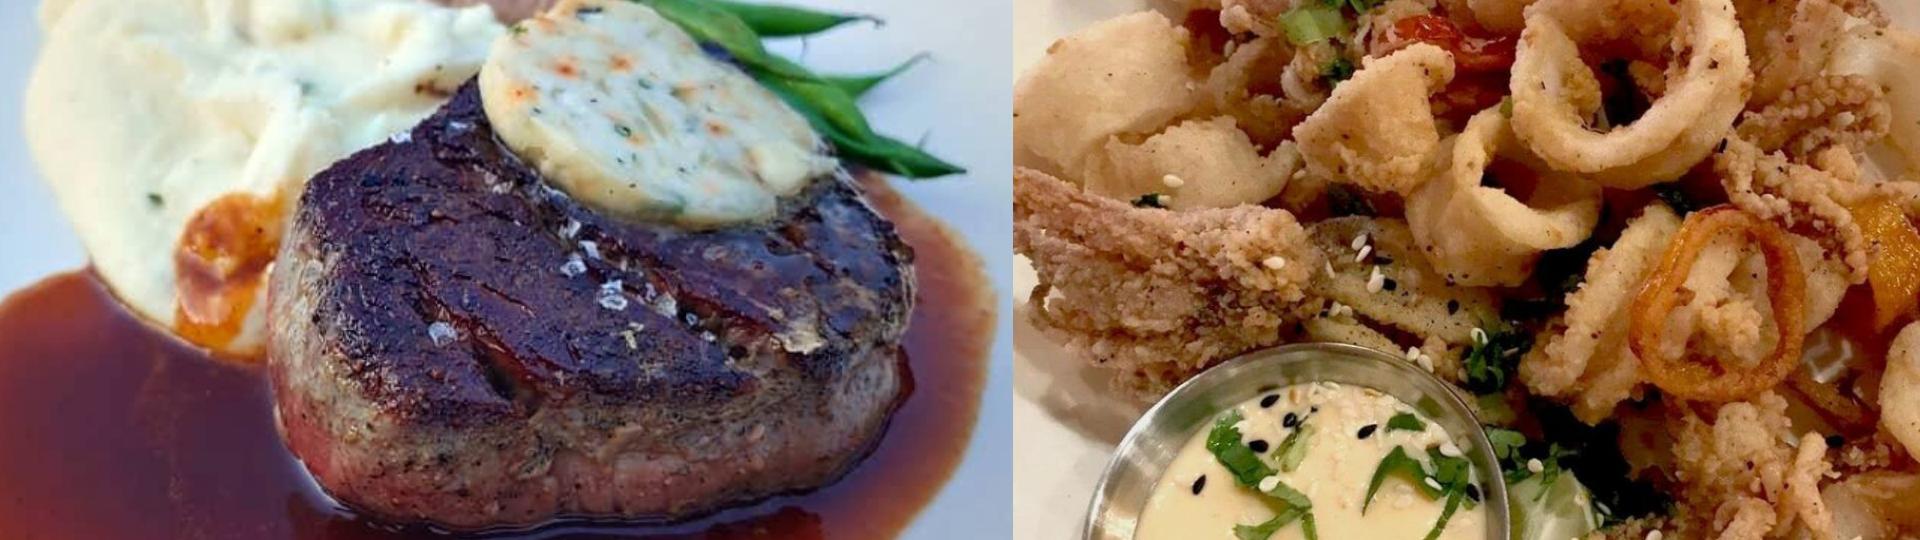 steak, and calamari